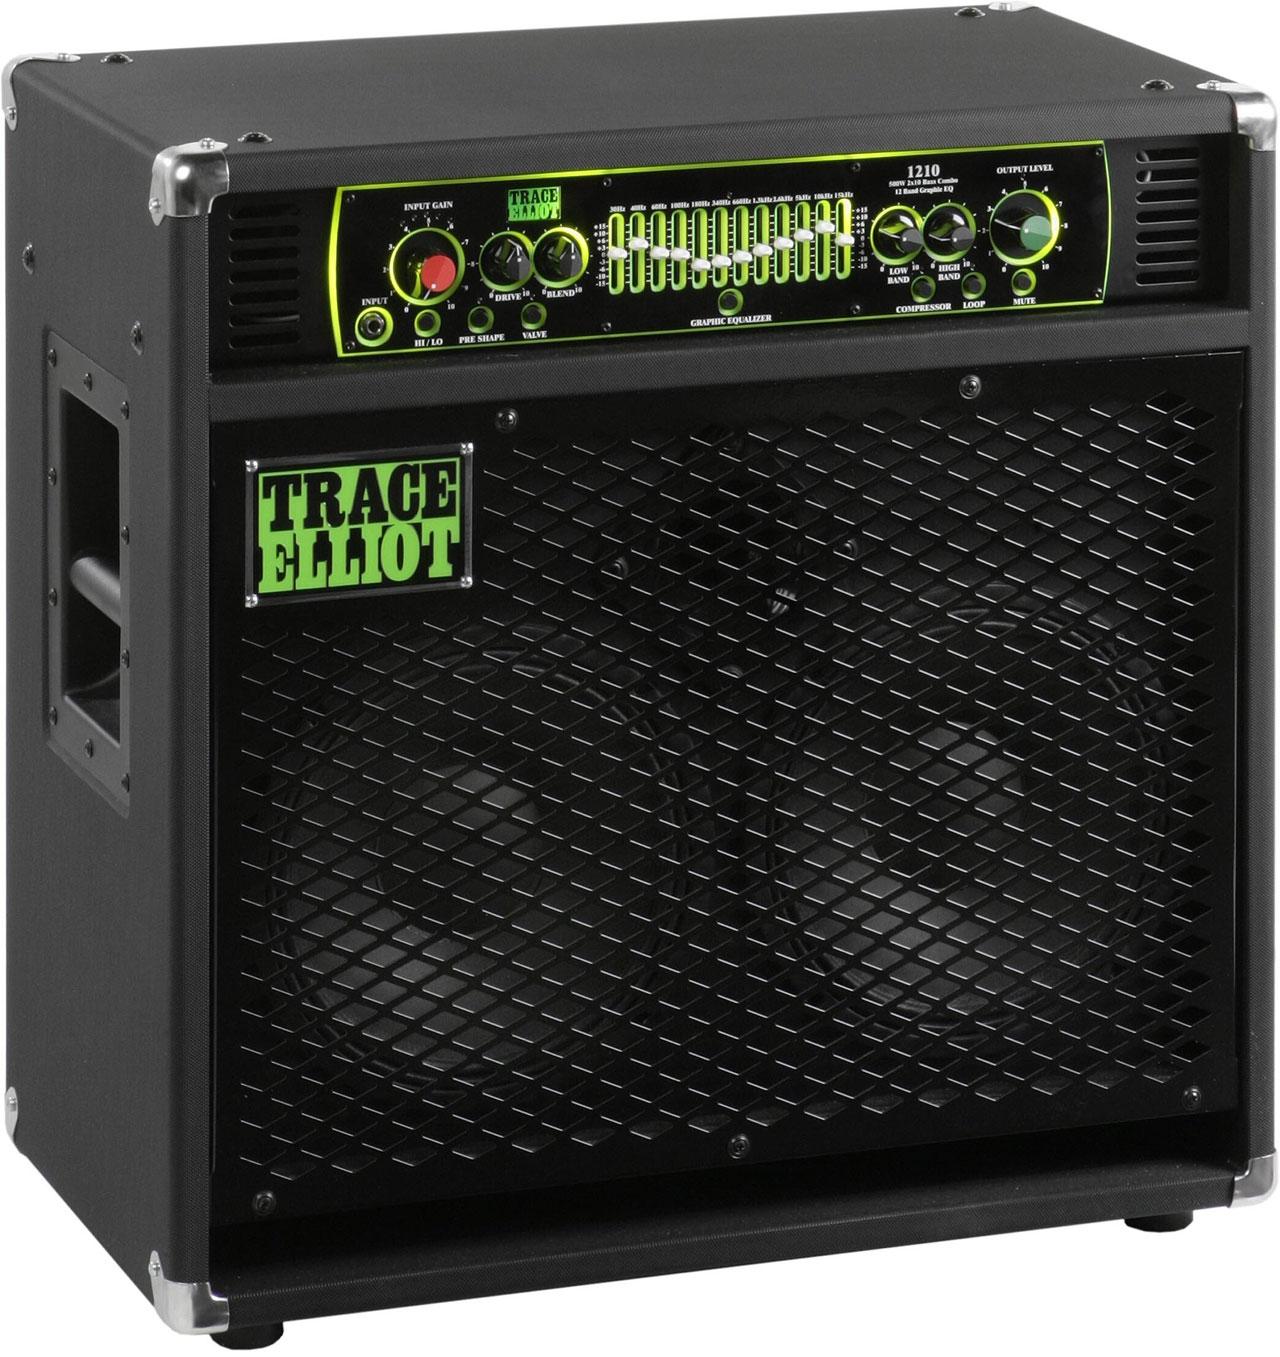 Trace elliot bass amplifier